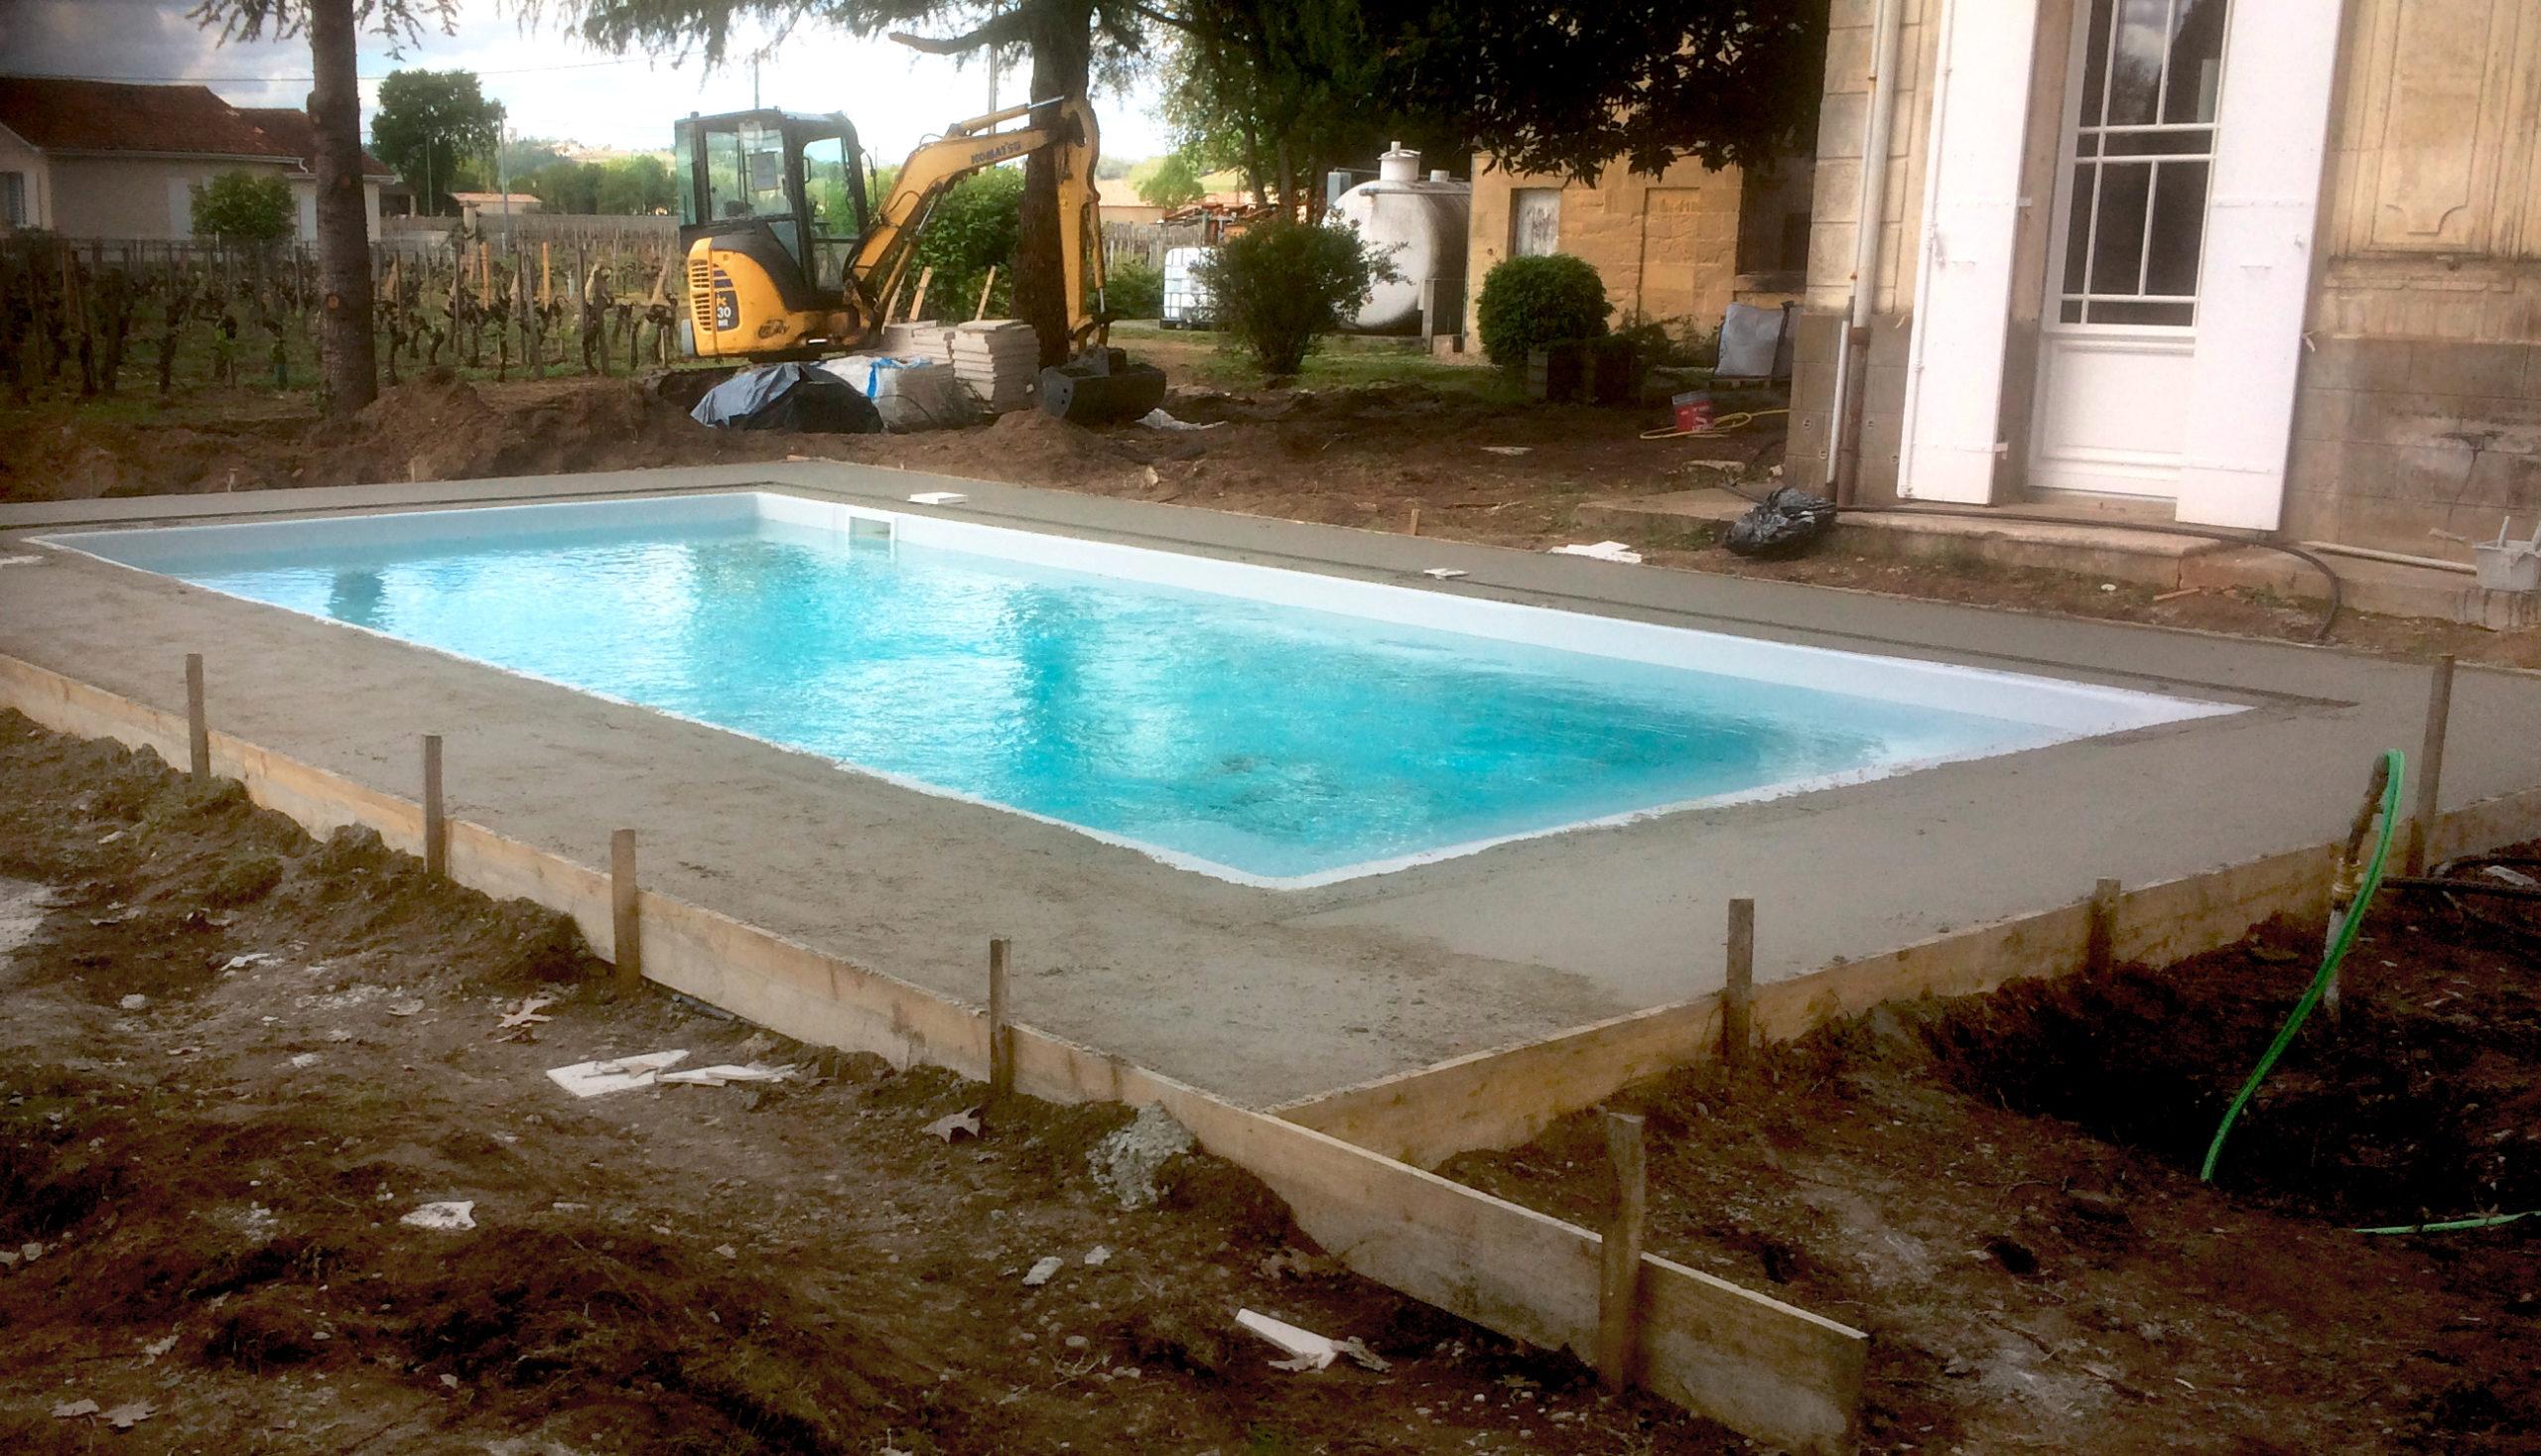 chantier d'une piscine coque